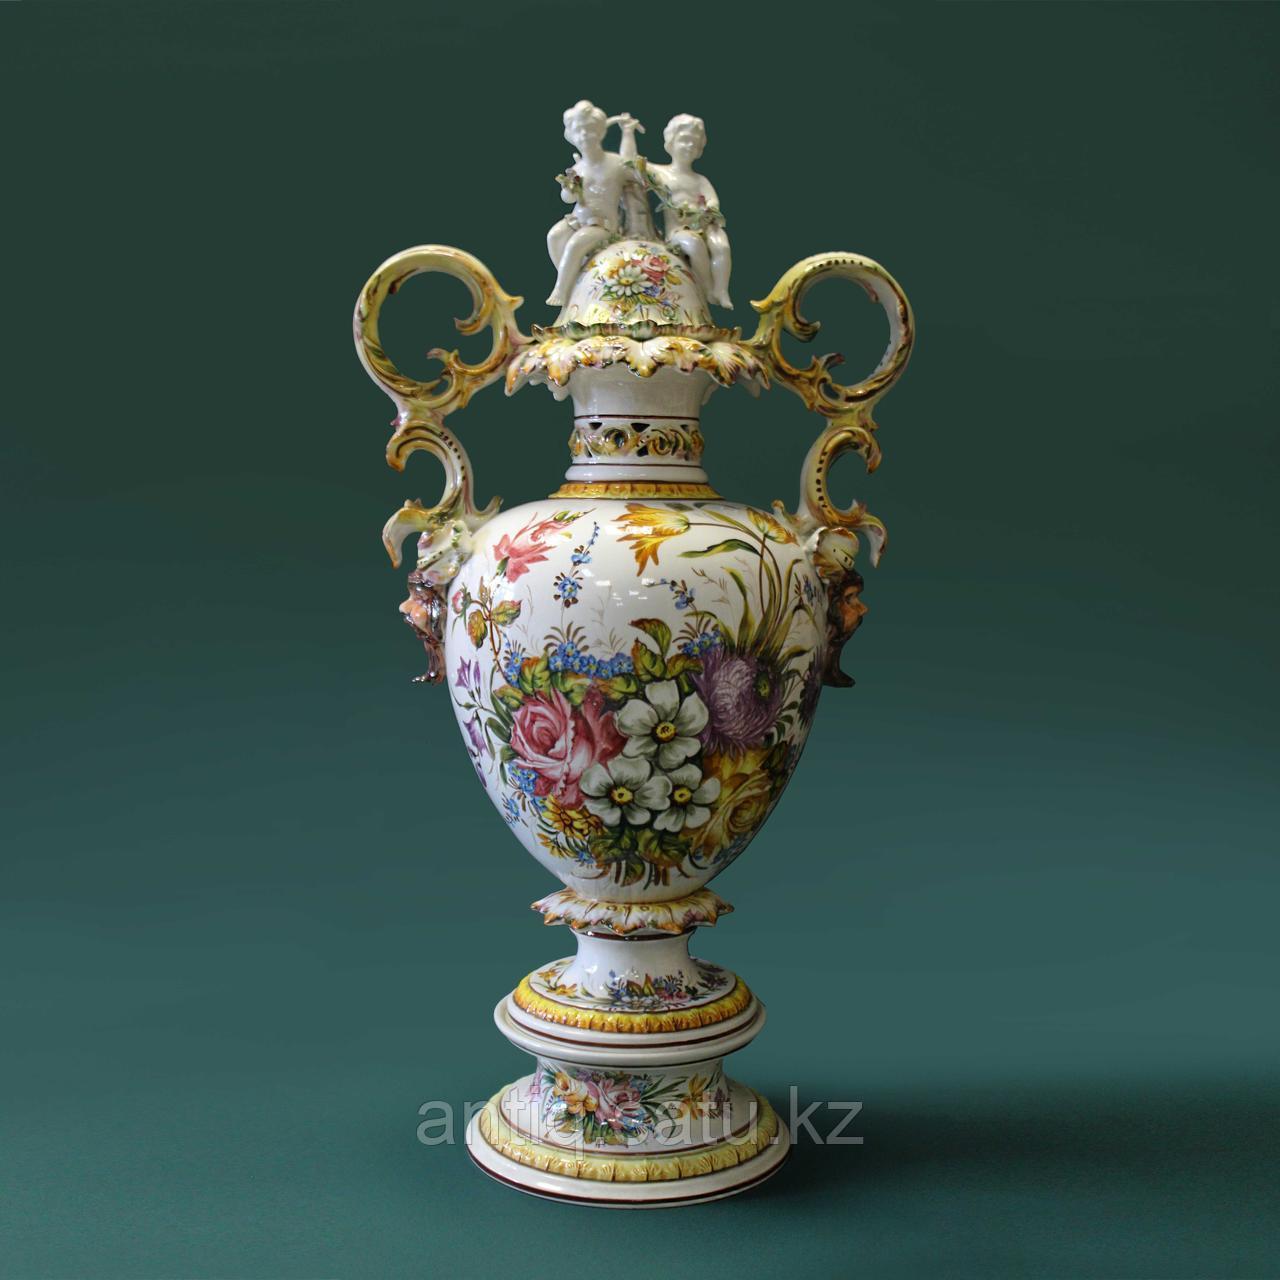 Напольная ваза Carpie Nove. Фарфоровая мануфактура Carpie Nove / Capodimonte - фото 1